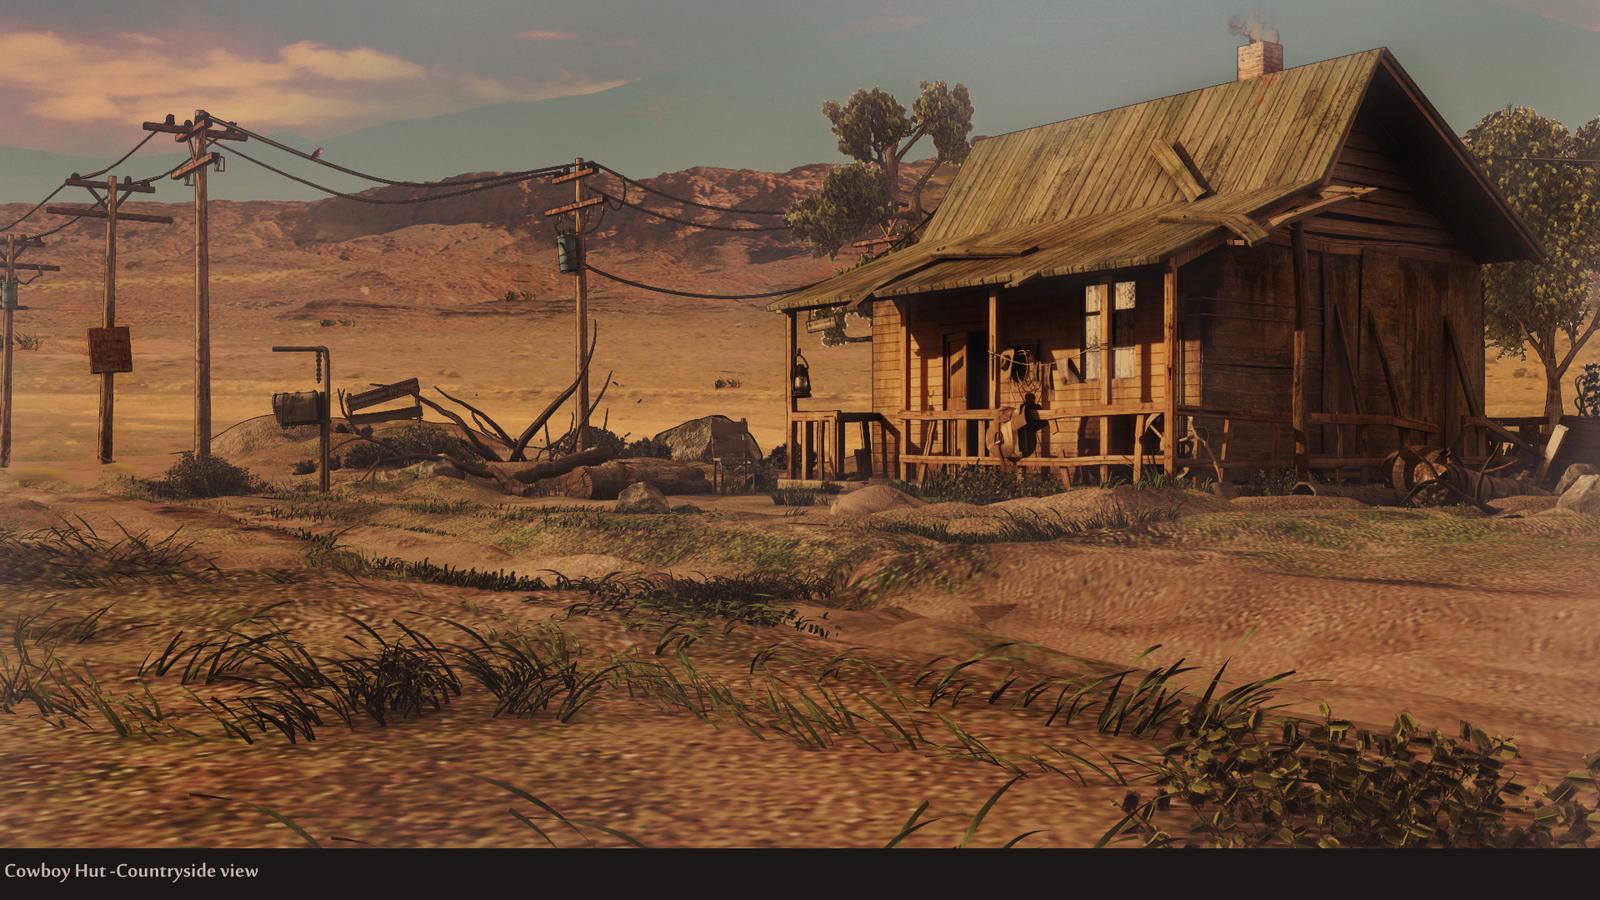 Cowboy Hut by Dushyant20b